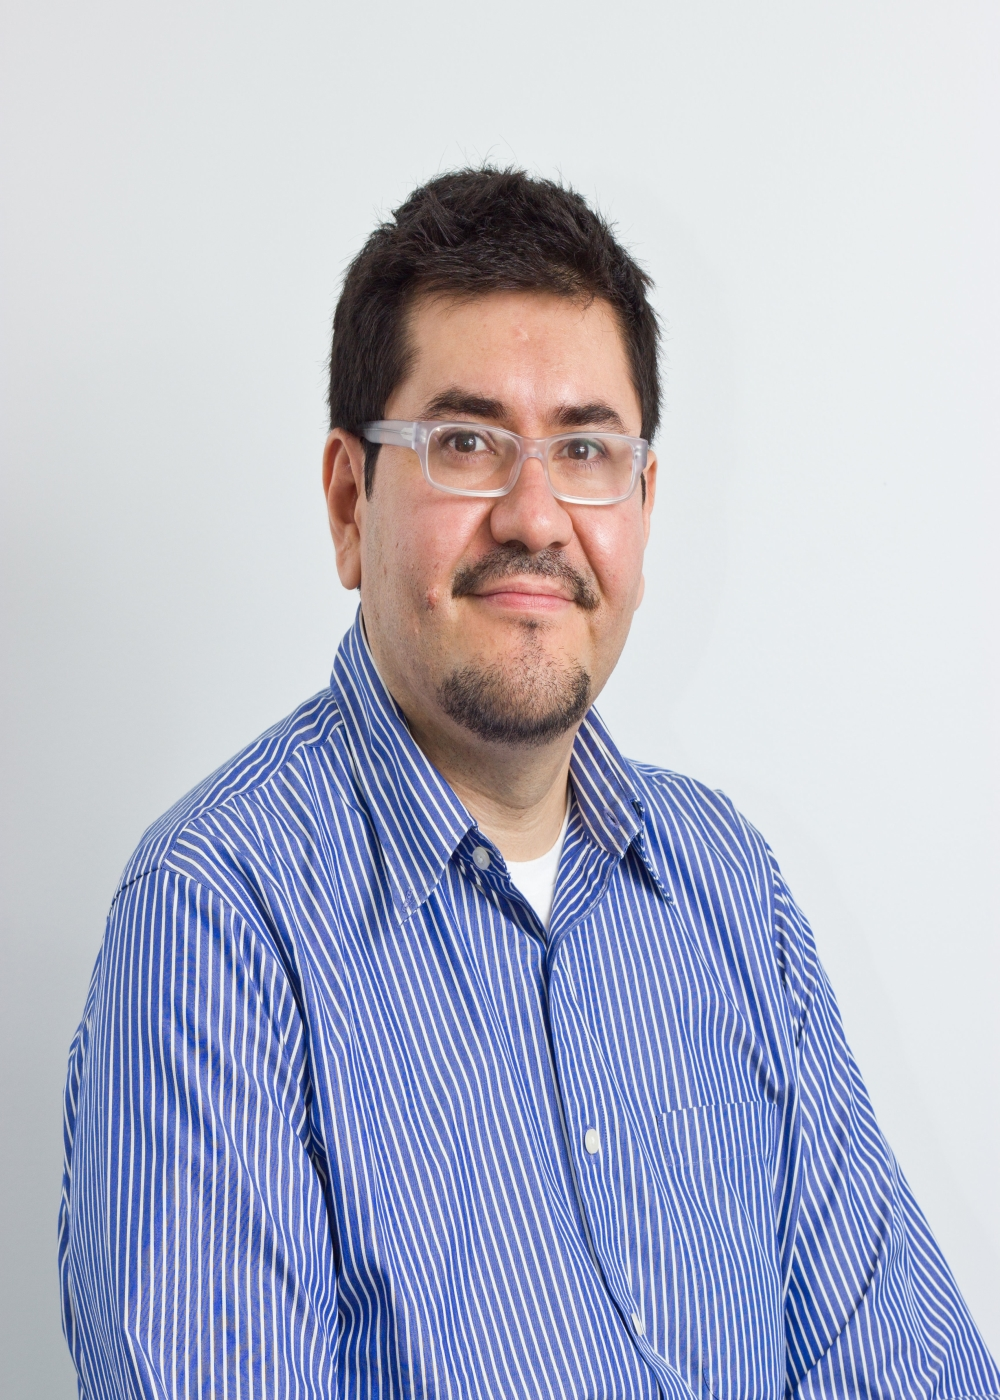 Alfonso Esparza